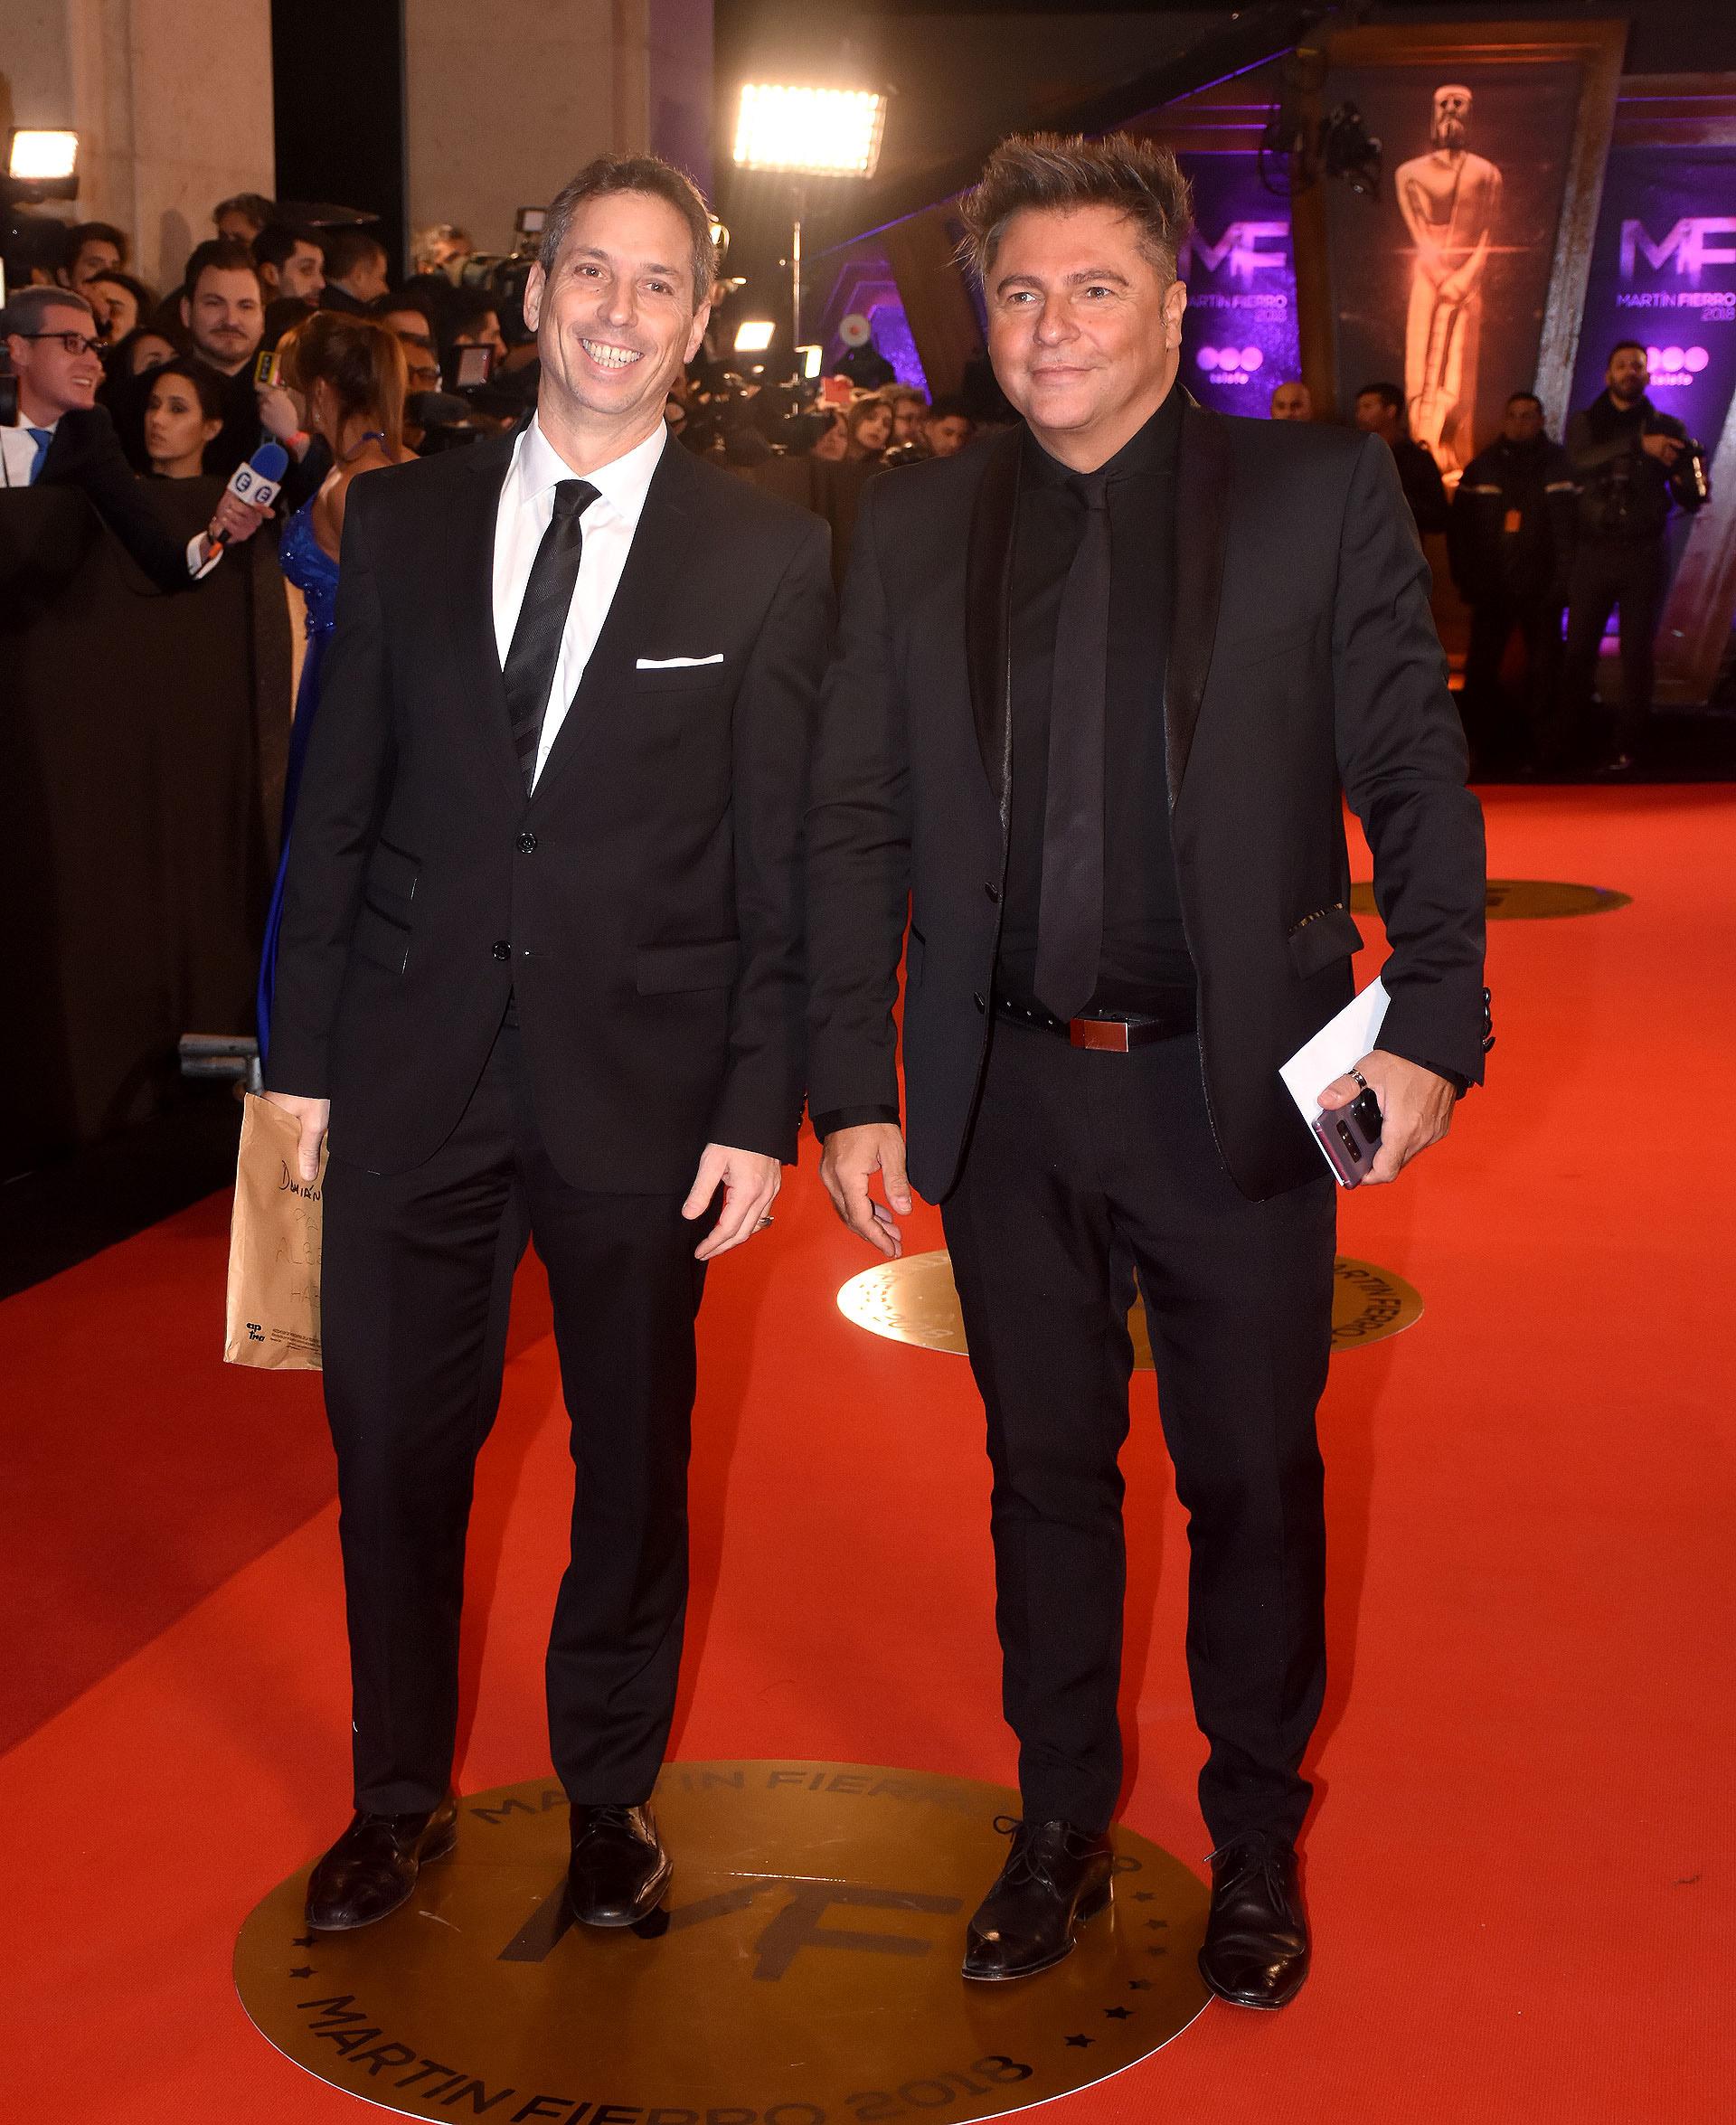 Damián Rojo y Daniel Ambrosino, los periodistas eligieron un smoking negro y corbatas a tono con zapatos de cuero. Ambrosino optó por camisa negra mientras que Rojo eligió camisa blanca con pochette blanco en el bolsillo del saco.